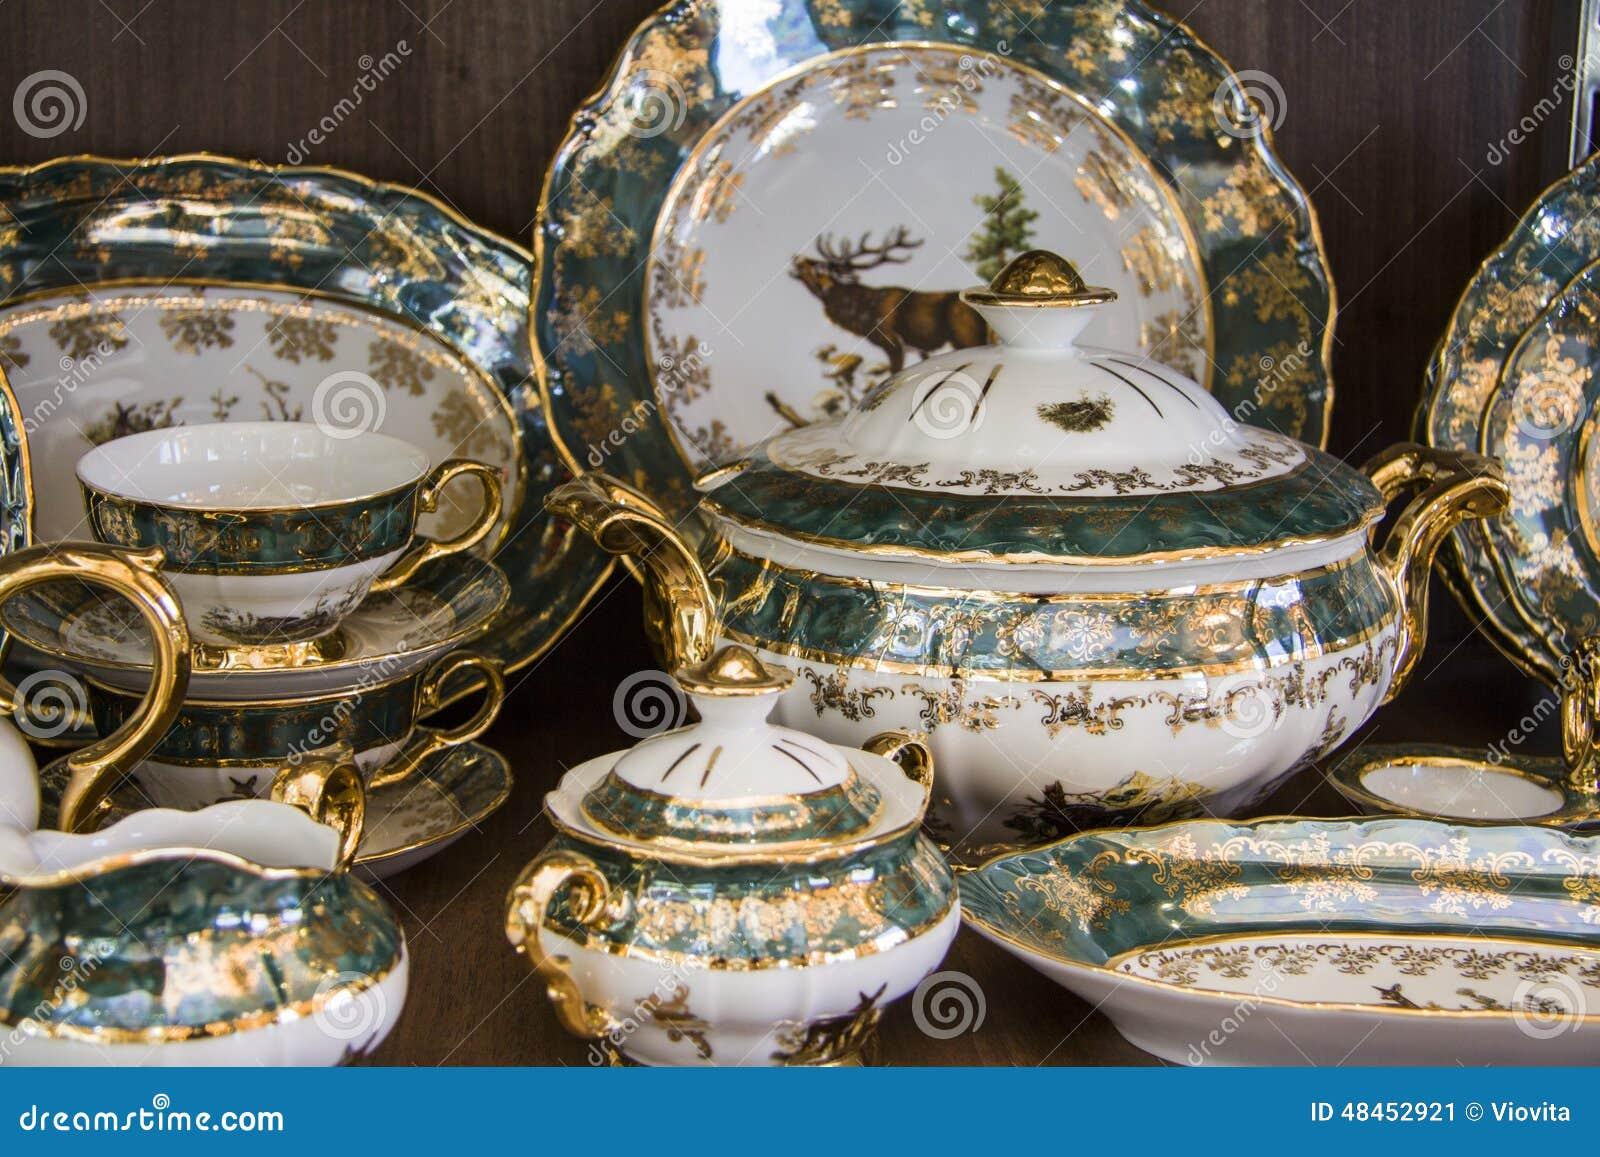 Detalles del vajilla elegante verde foto de archivo for Vajilla oriental